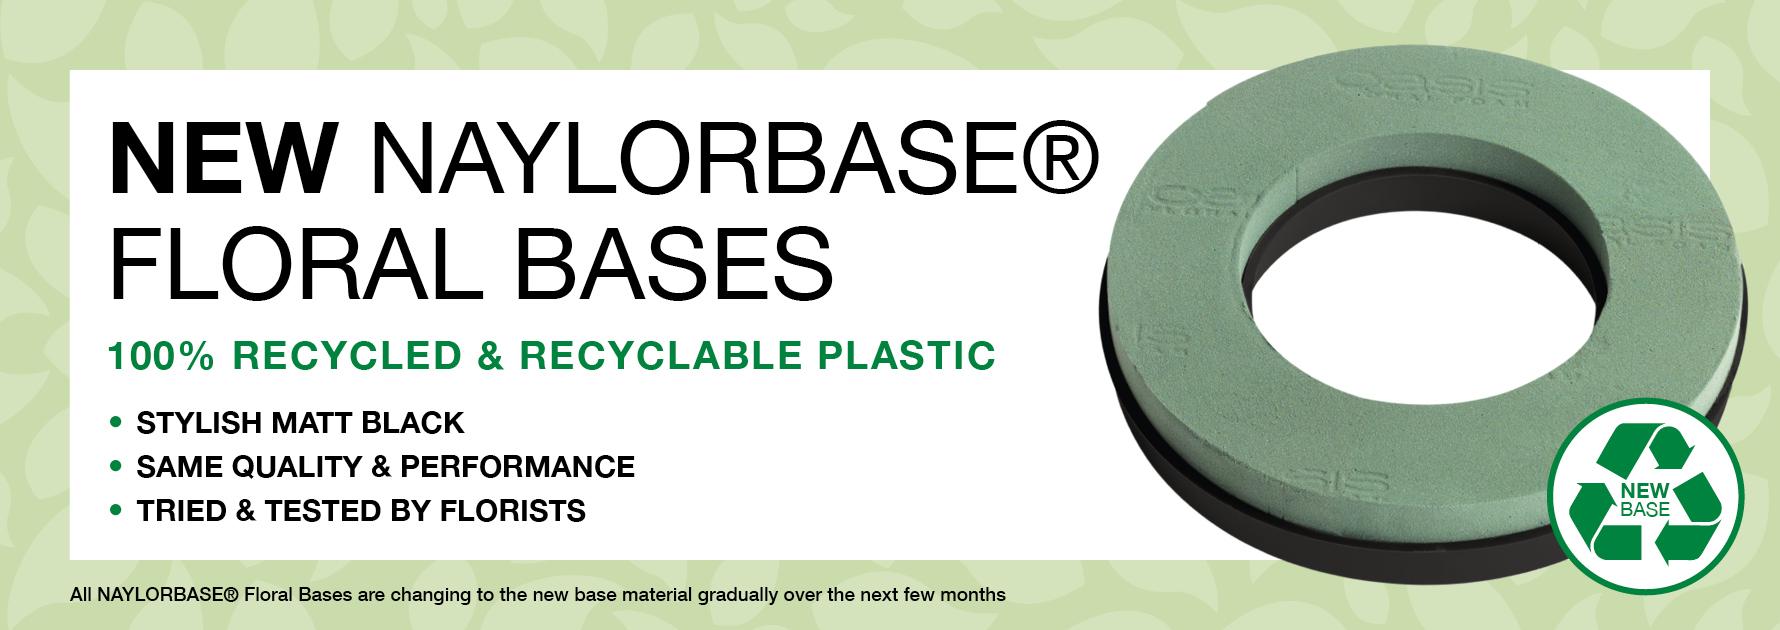 NAYLORBASE® Floral Bases